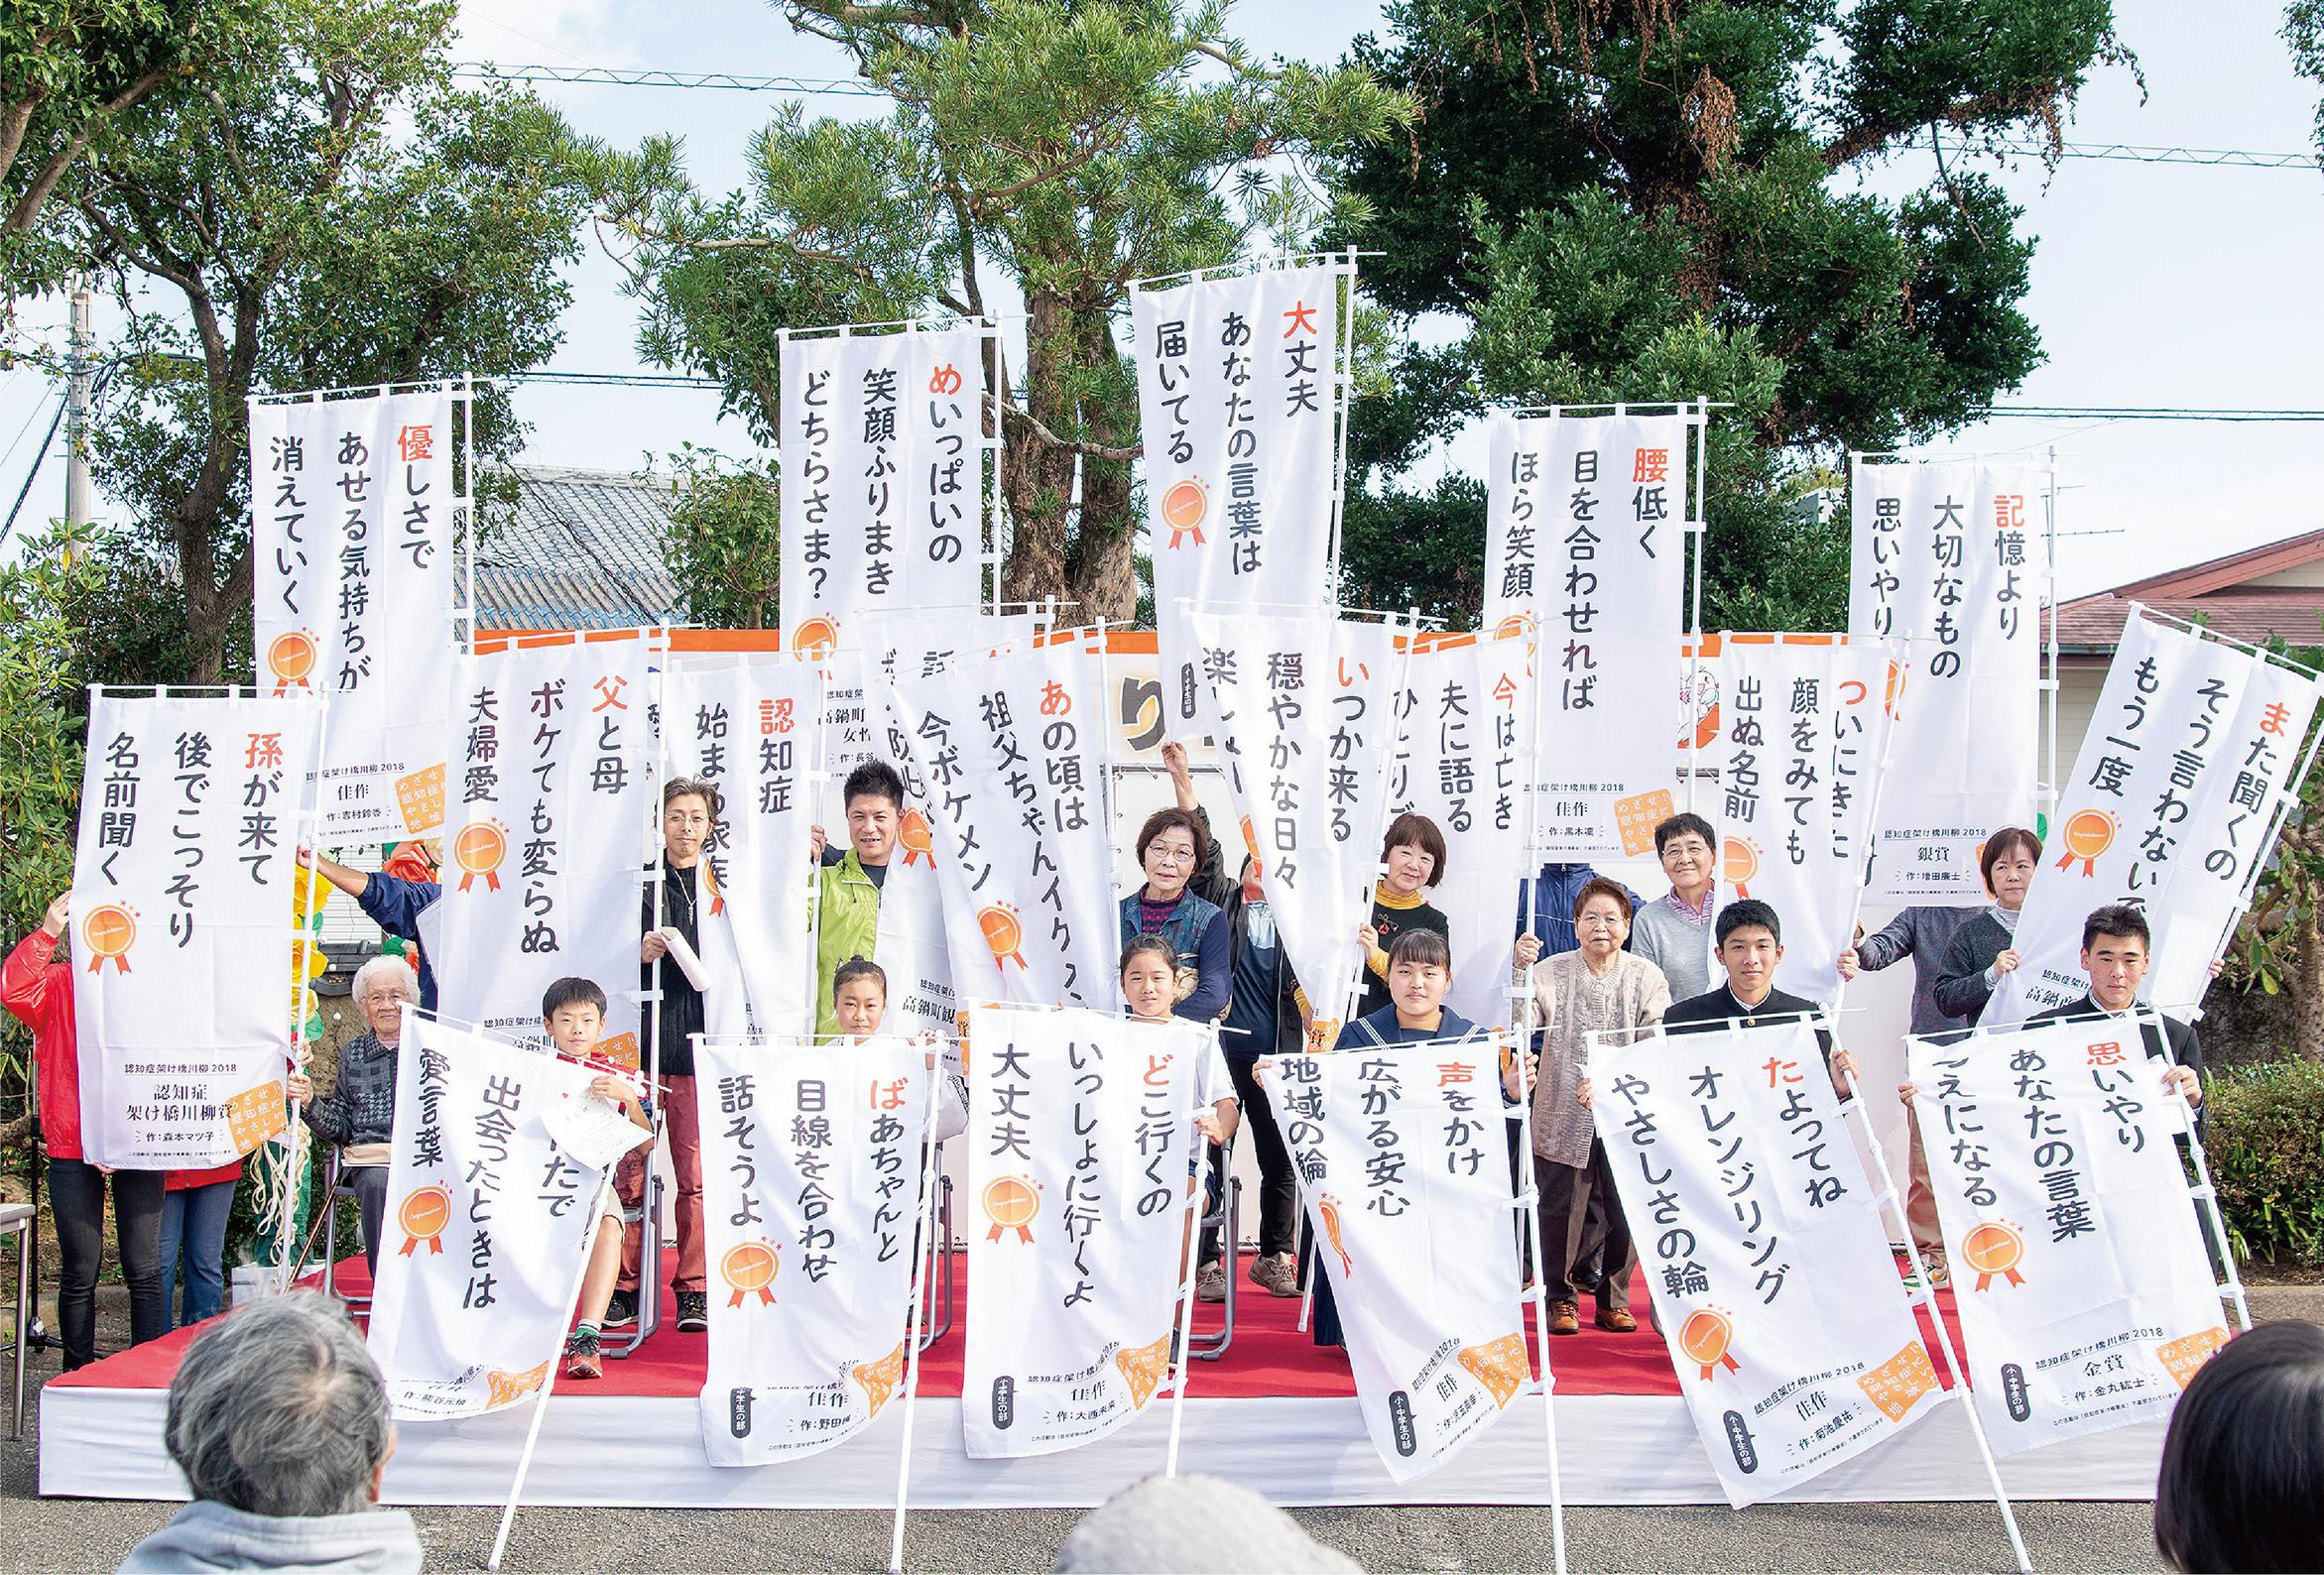 2018年度 川柳表彰式